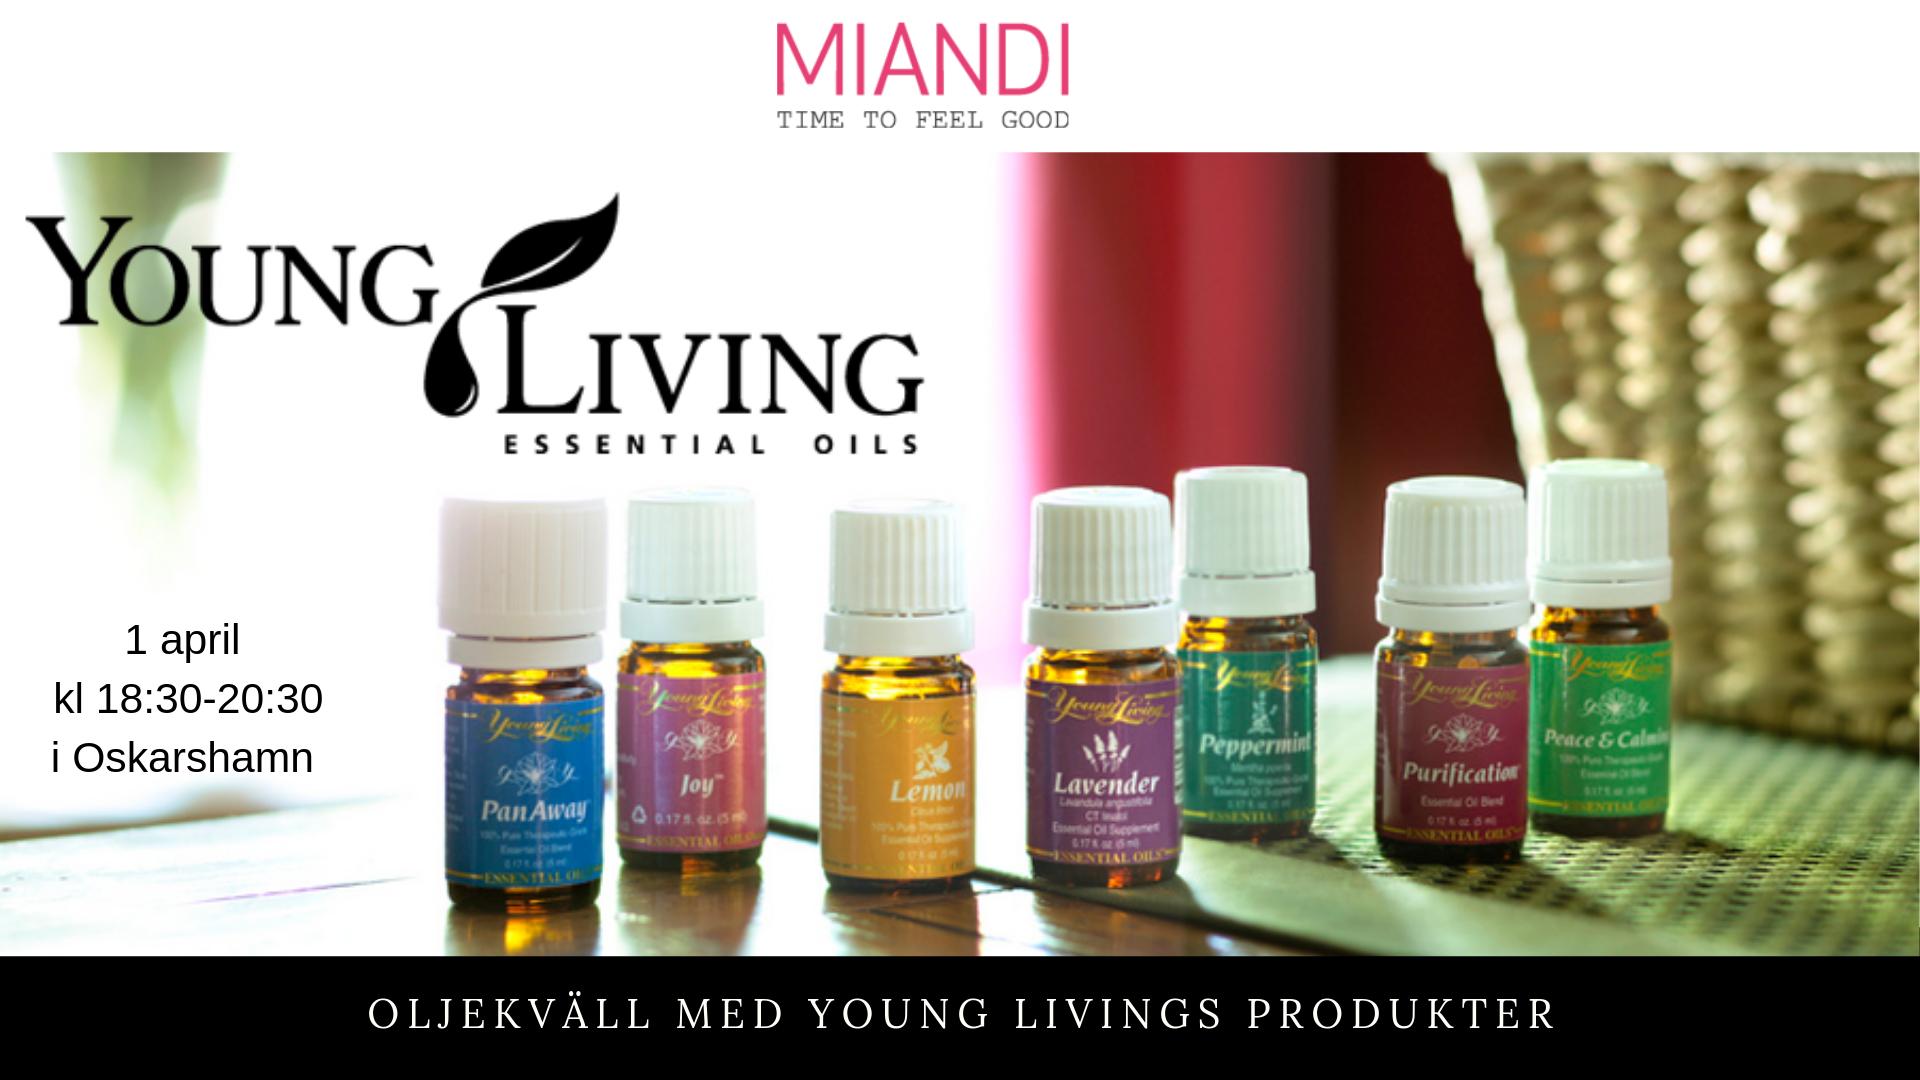 Oljekväll med Young Livings produkter